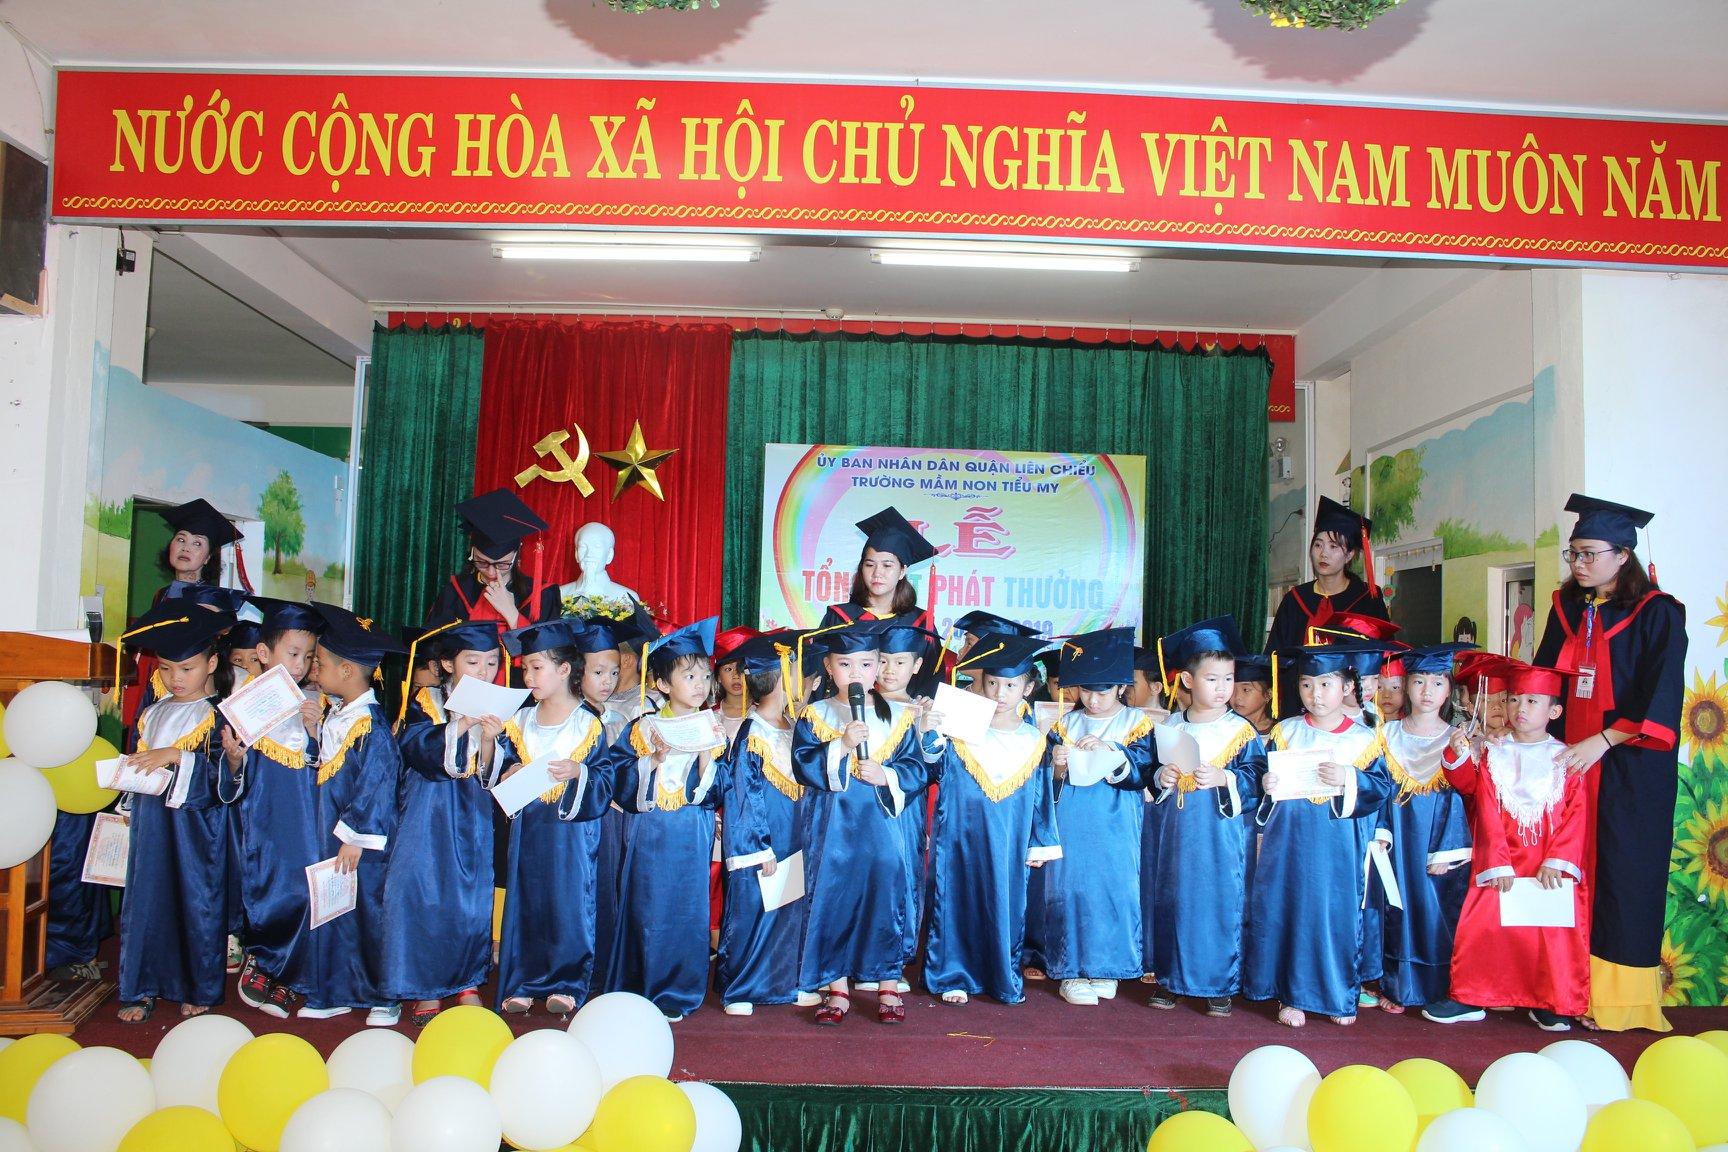 Trường mầm non Tiểu My - Nguyễn Lương Bằng